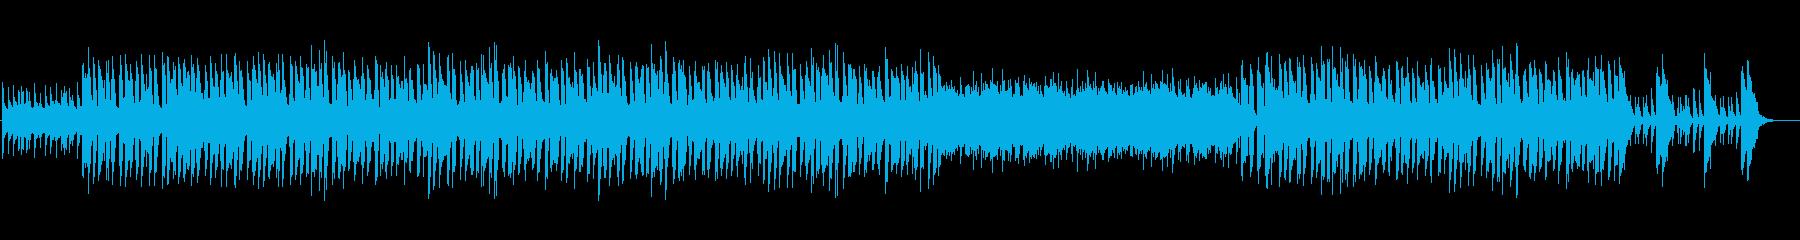 製品紹介向けのポップなインストの再生済みの波形